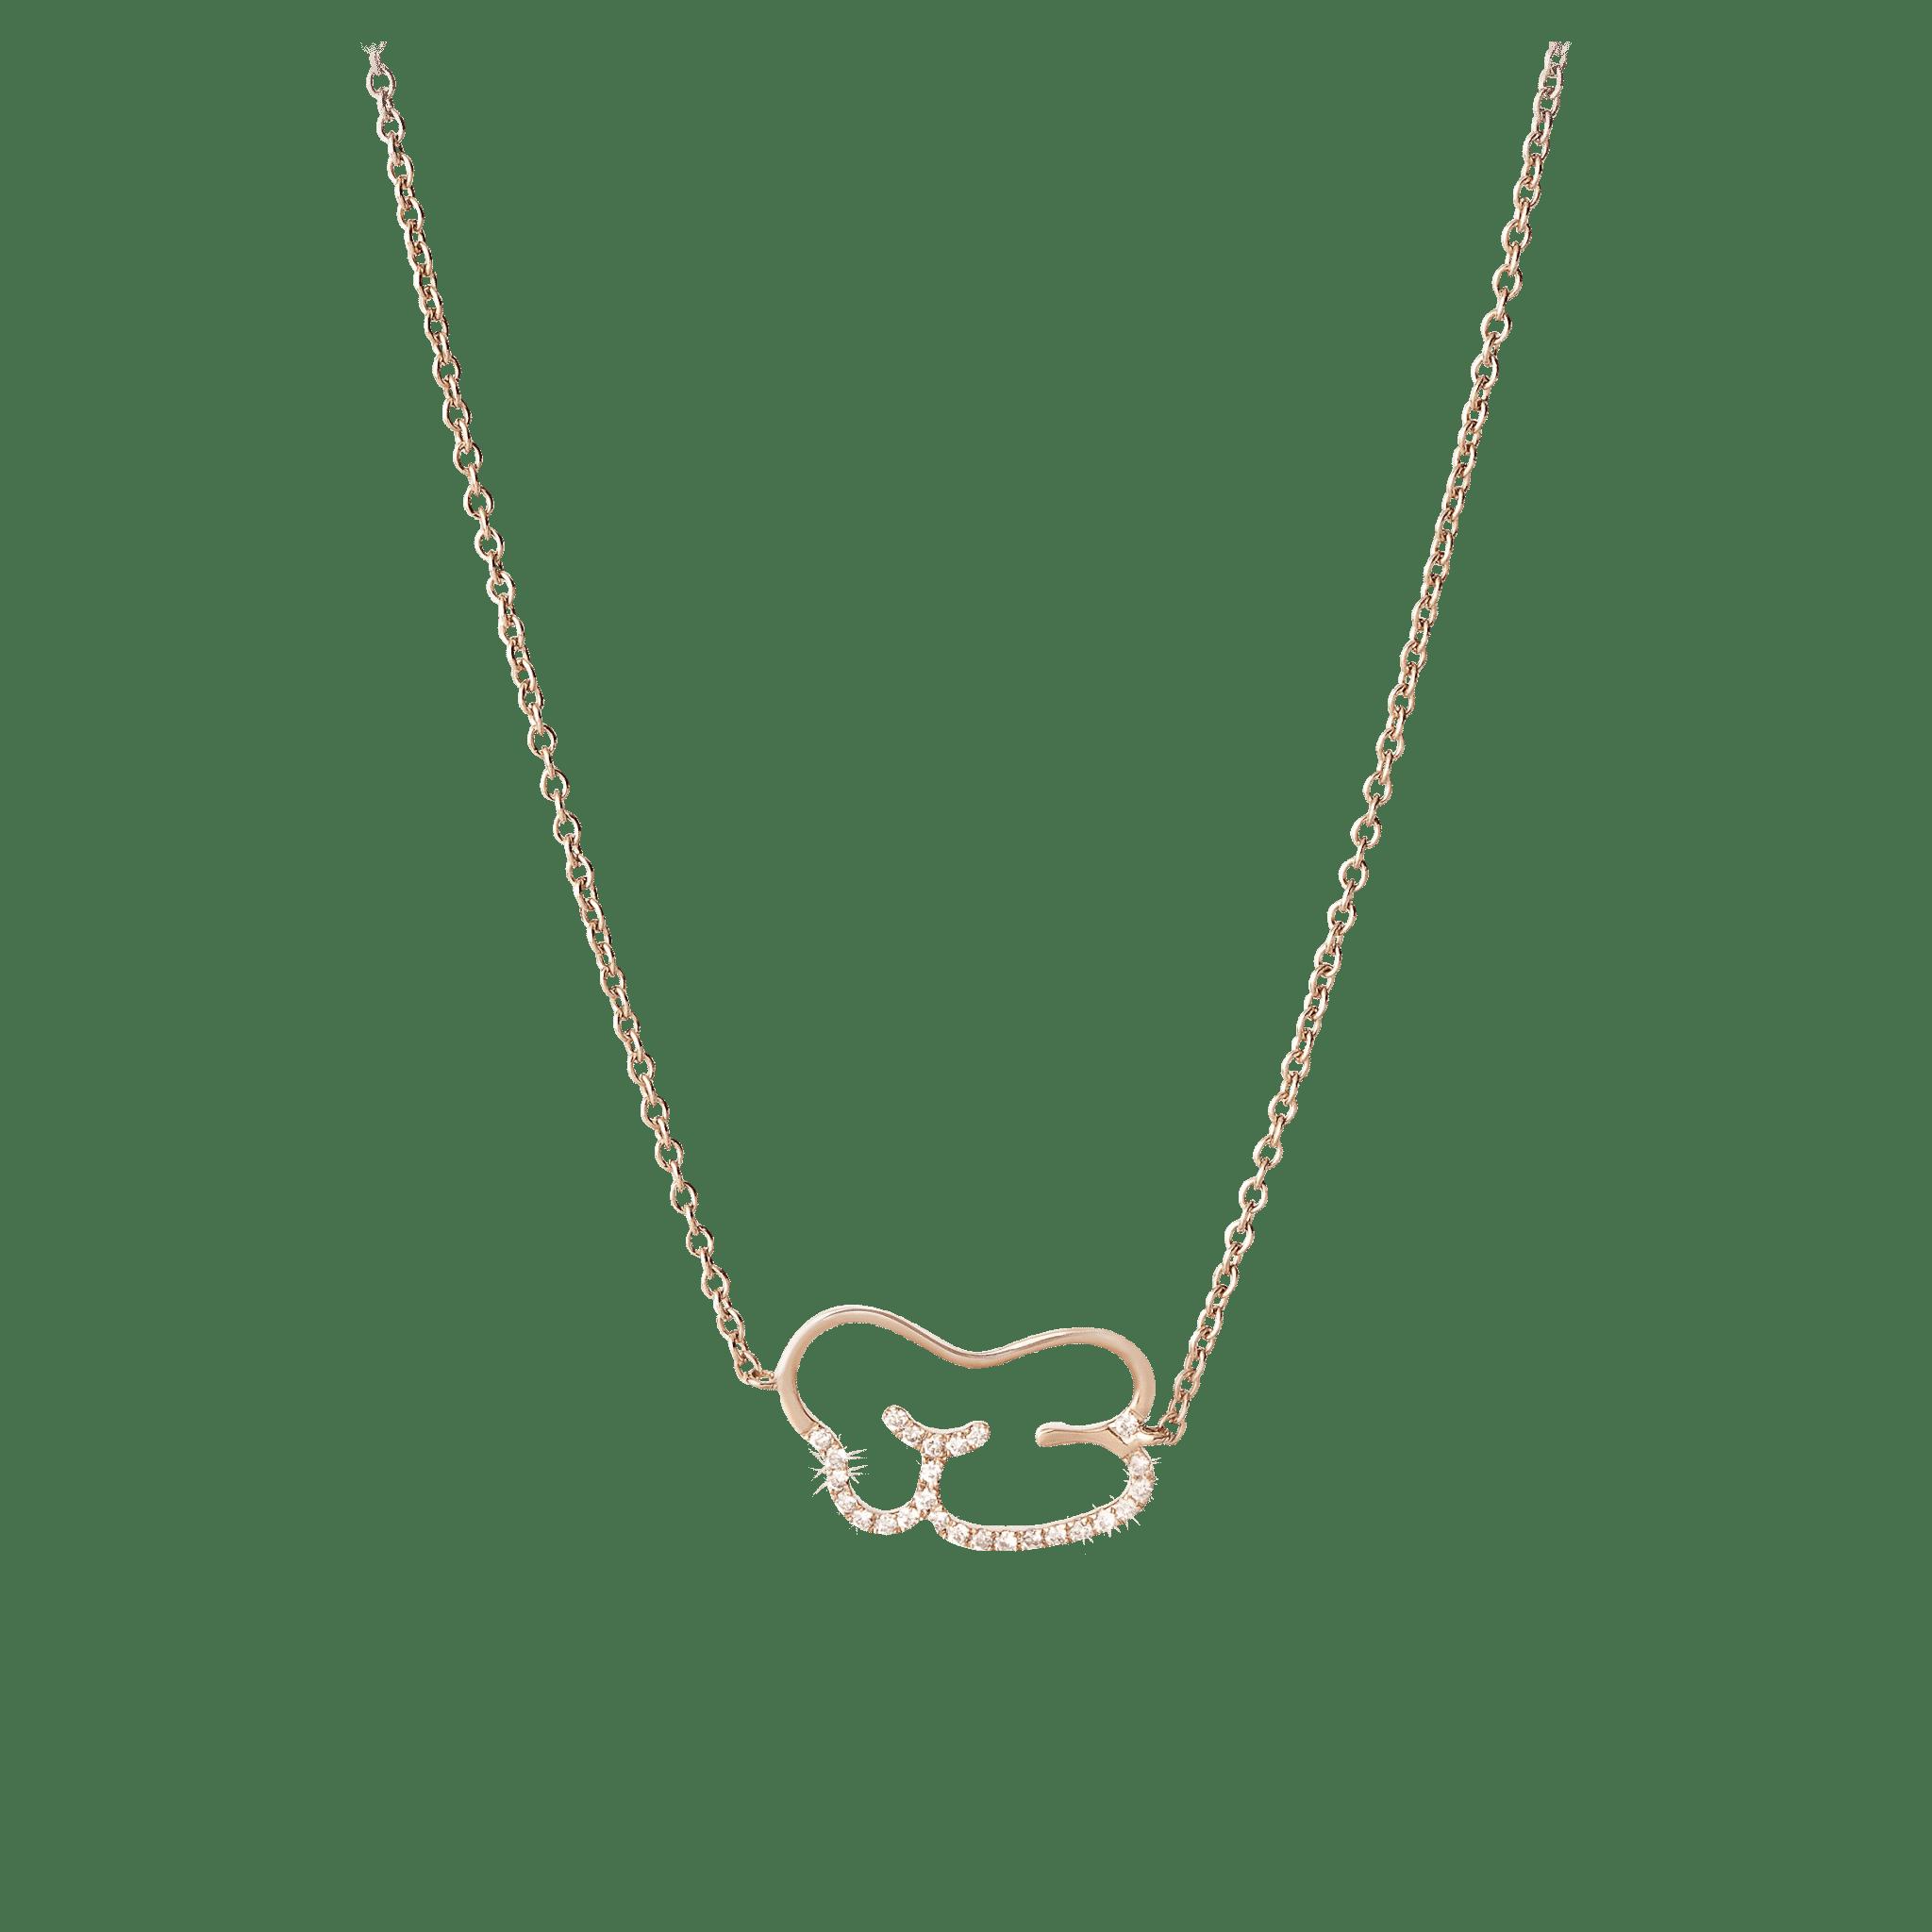 Empreinte collier or jaune et diamant